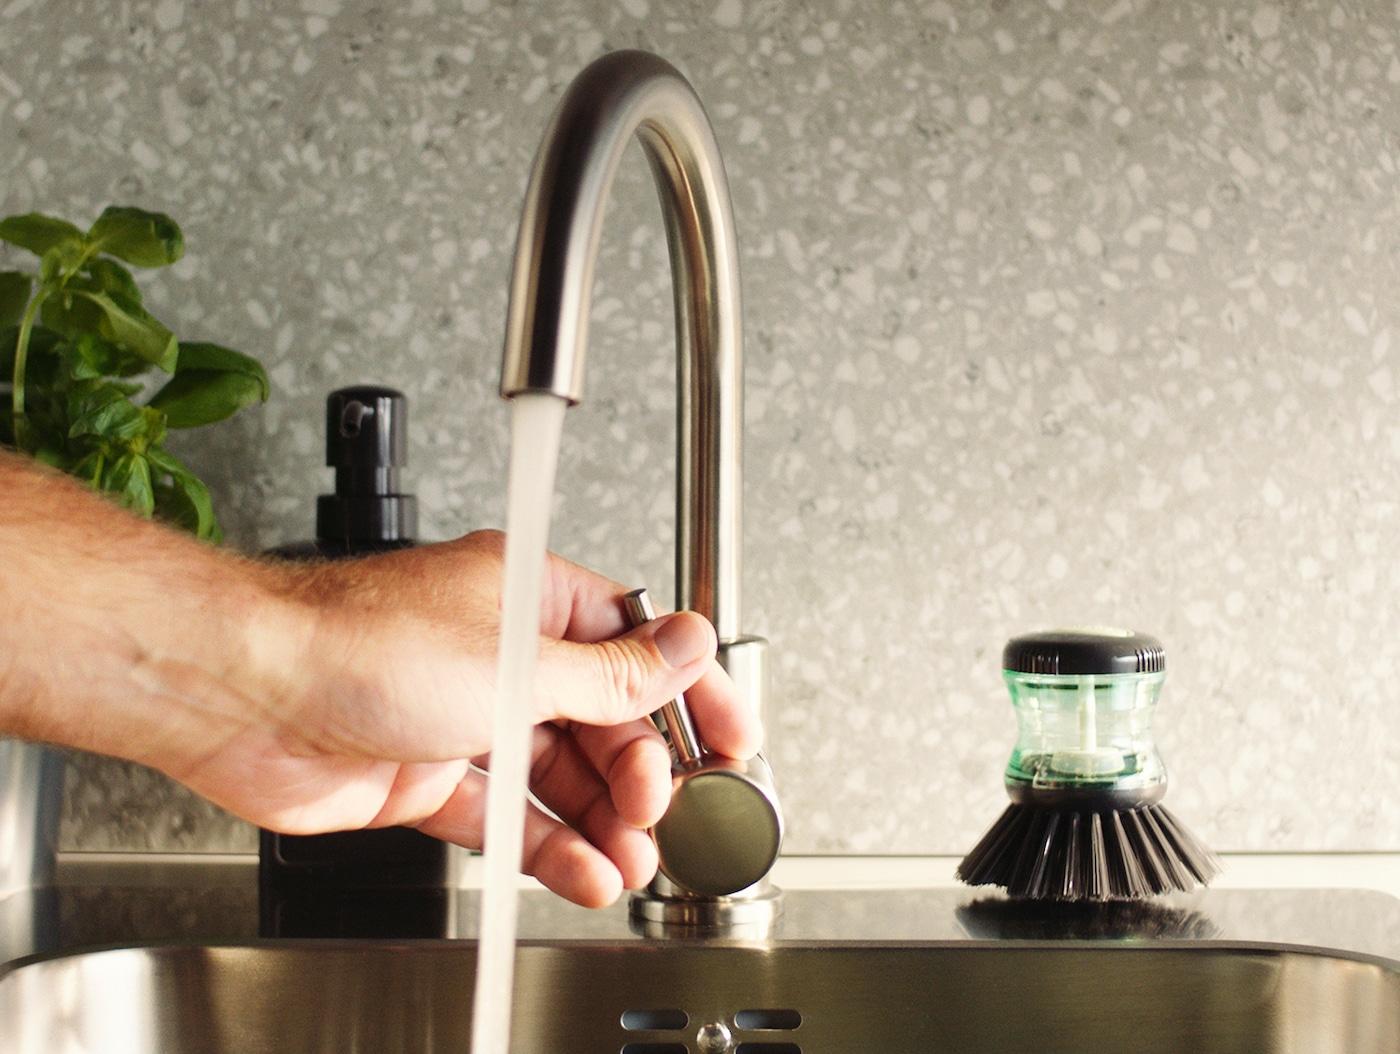 Une main règle le débit d'eau d'un robinet de cuisine GLYPEN en acier inoxydable à côté d'une brosse à vaisselle TÅRTSMET.